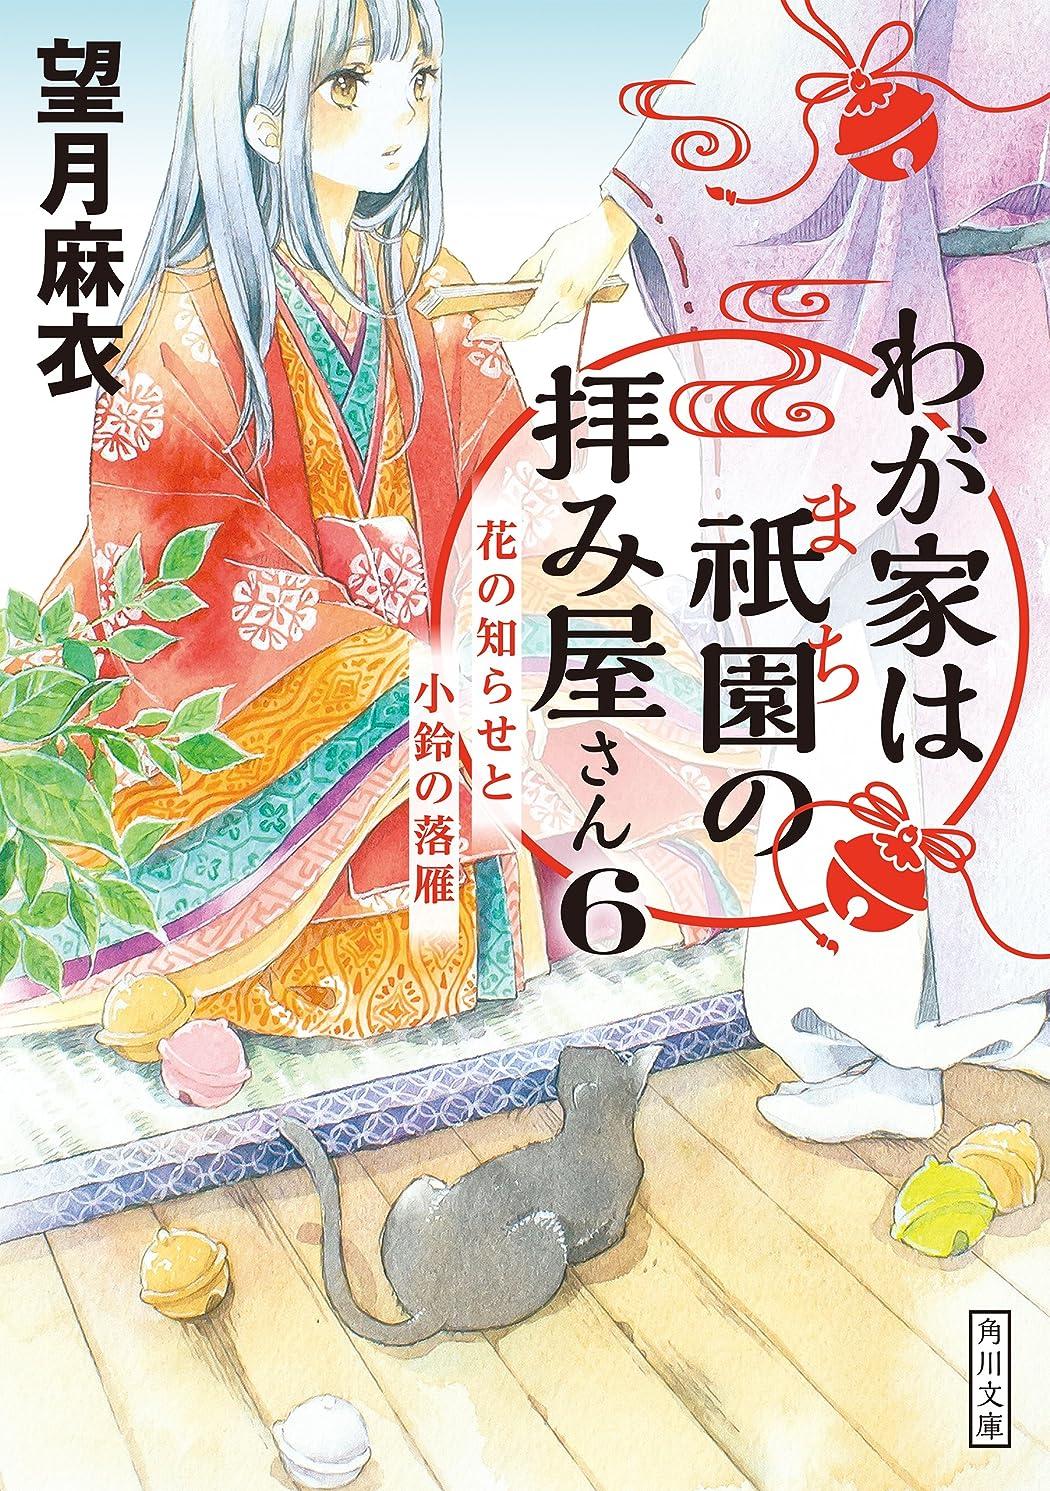 茎団結シャッターわが家は祇園の拝み屋さん6 花の知らせと小鈴の落雁 (角川文庫)